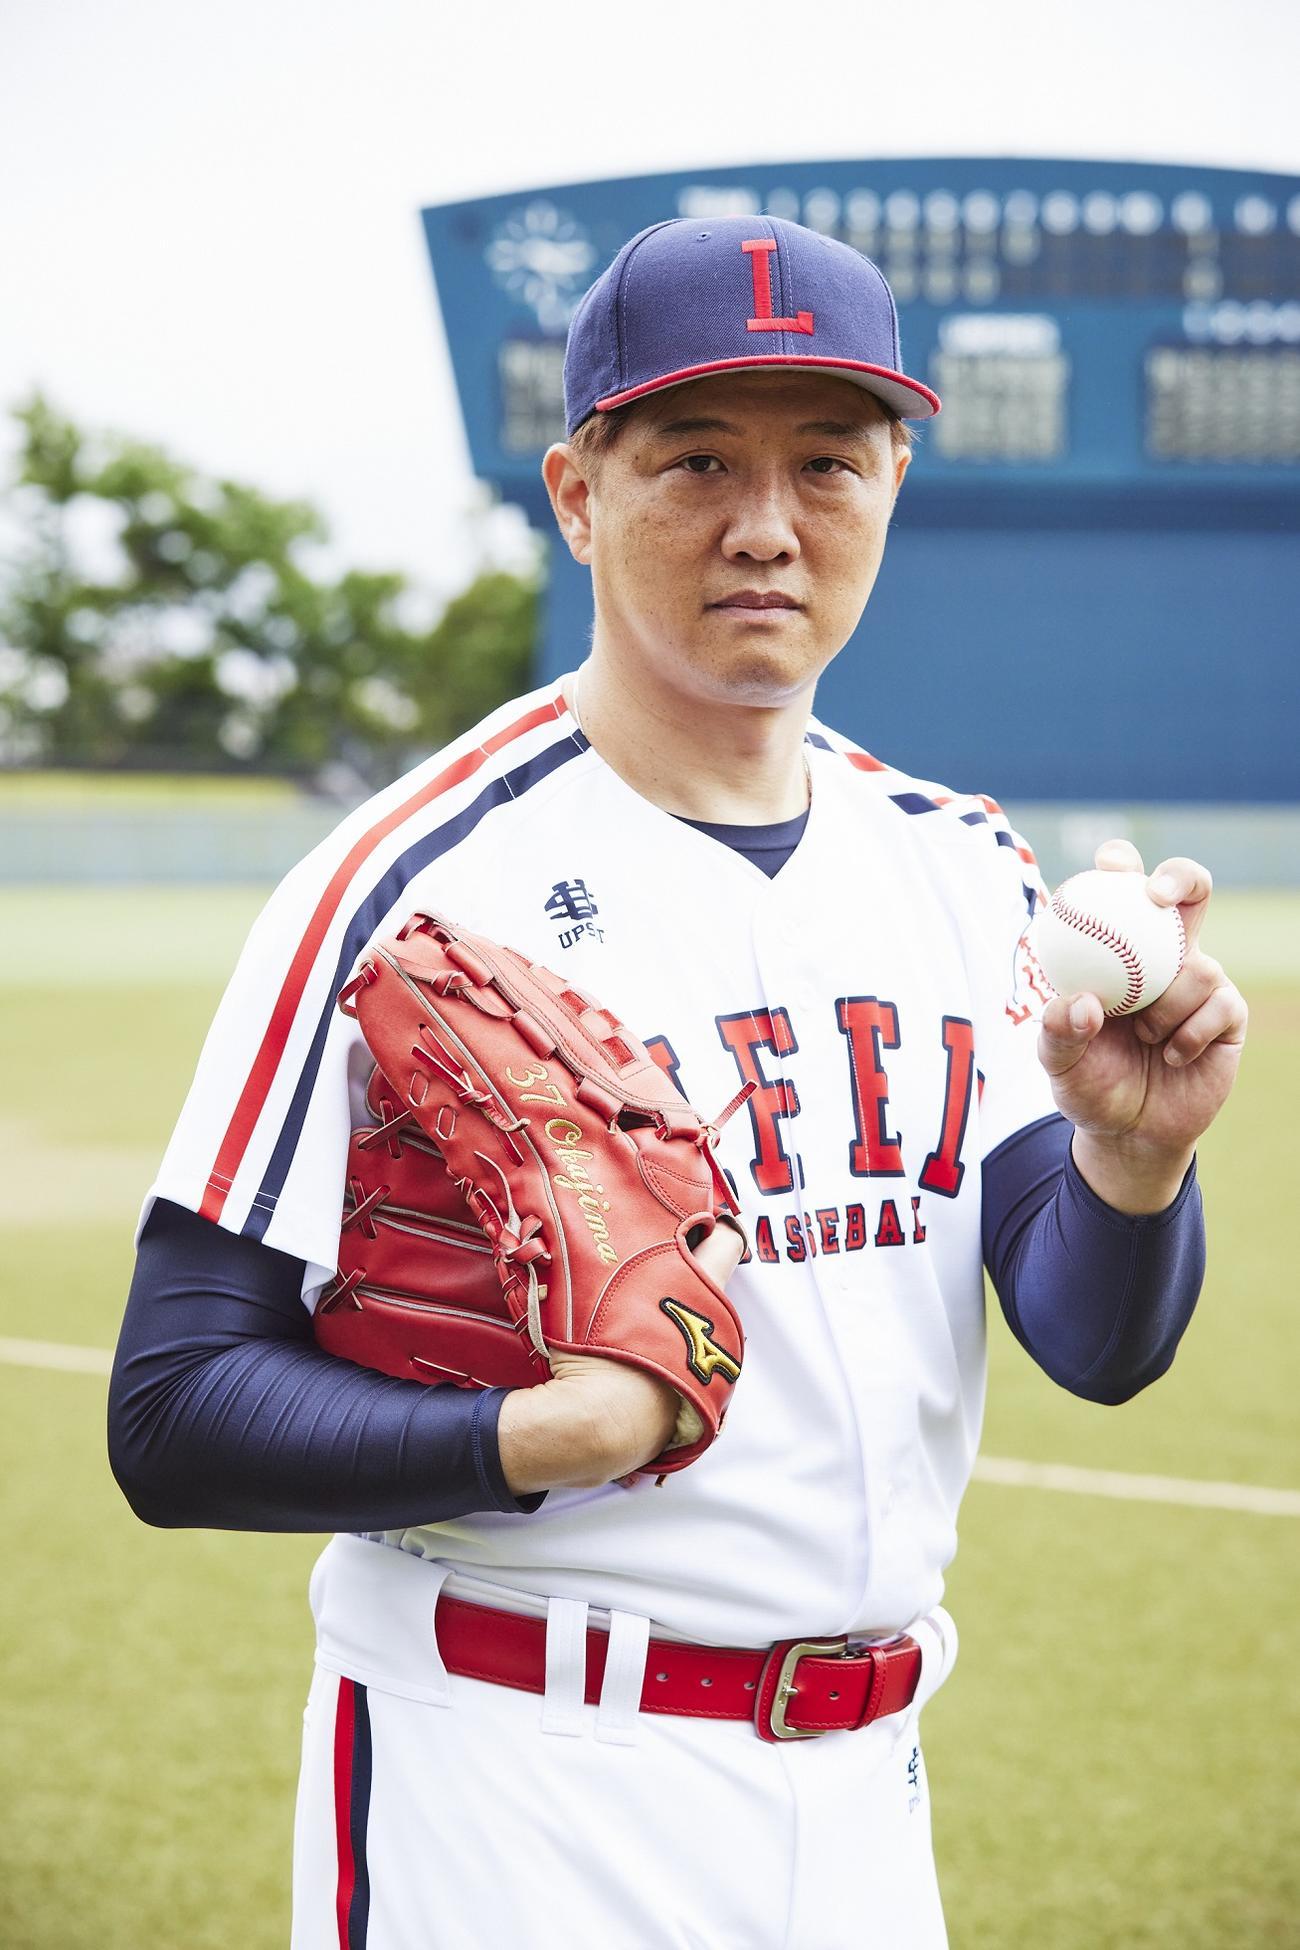 ドラマに出演する岡島秀樹(C)「八月は夜のバッティングセンターで。」製作委員会